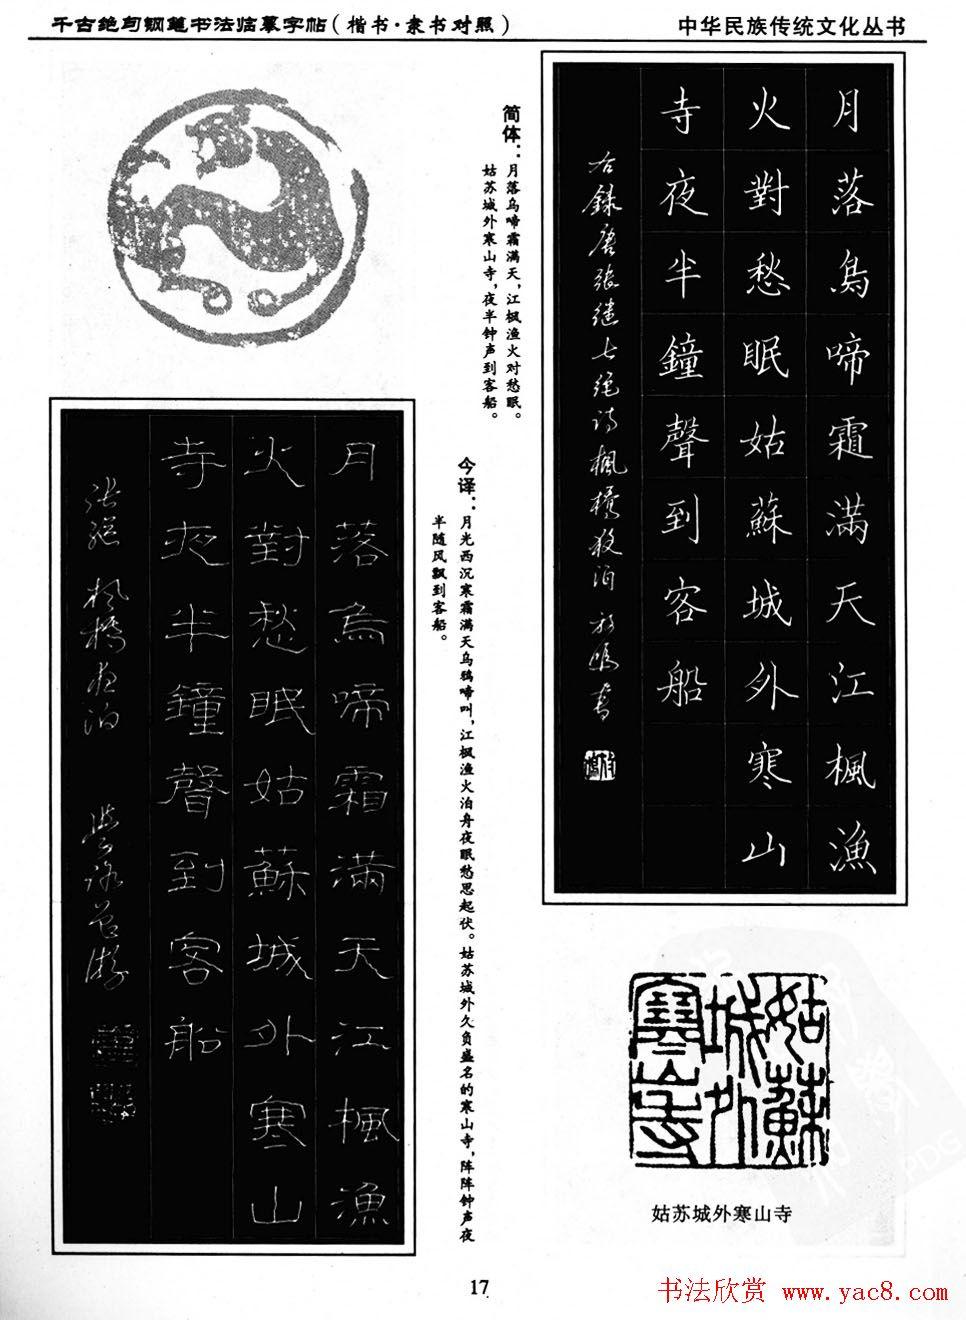 钢笔书法临摹字帖楷书隶书对照千古绝句图片